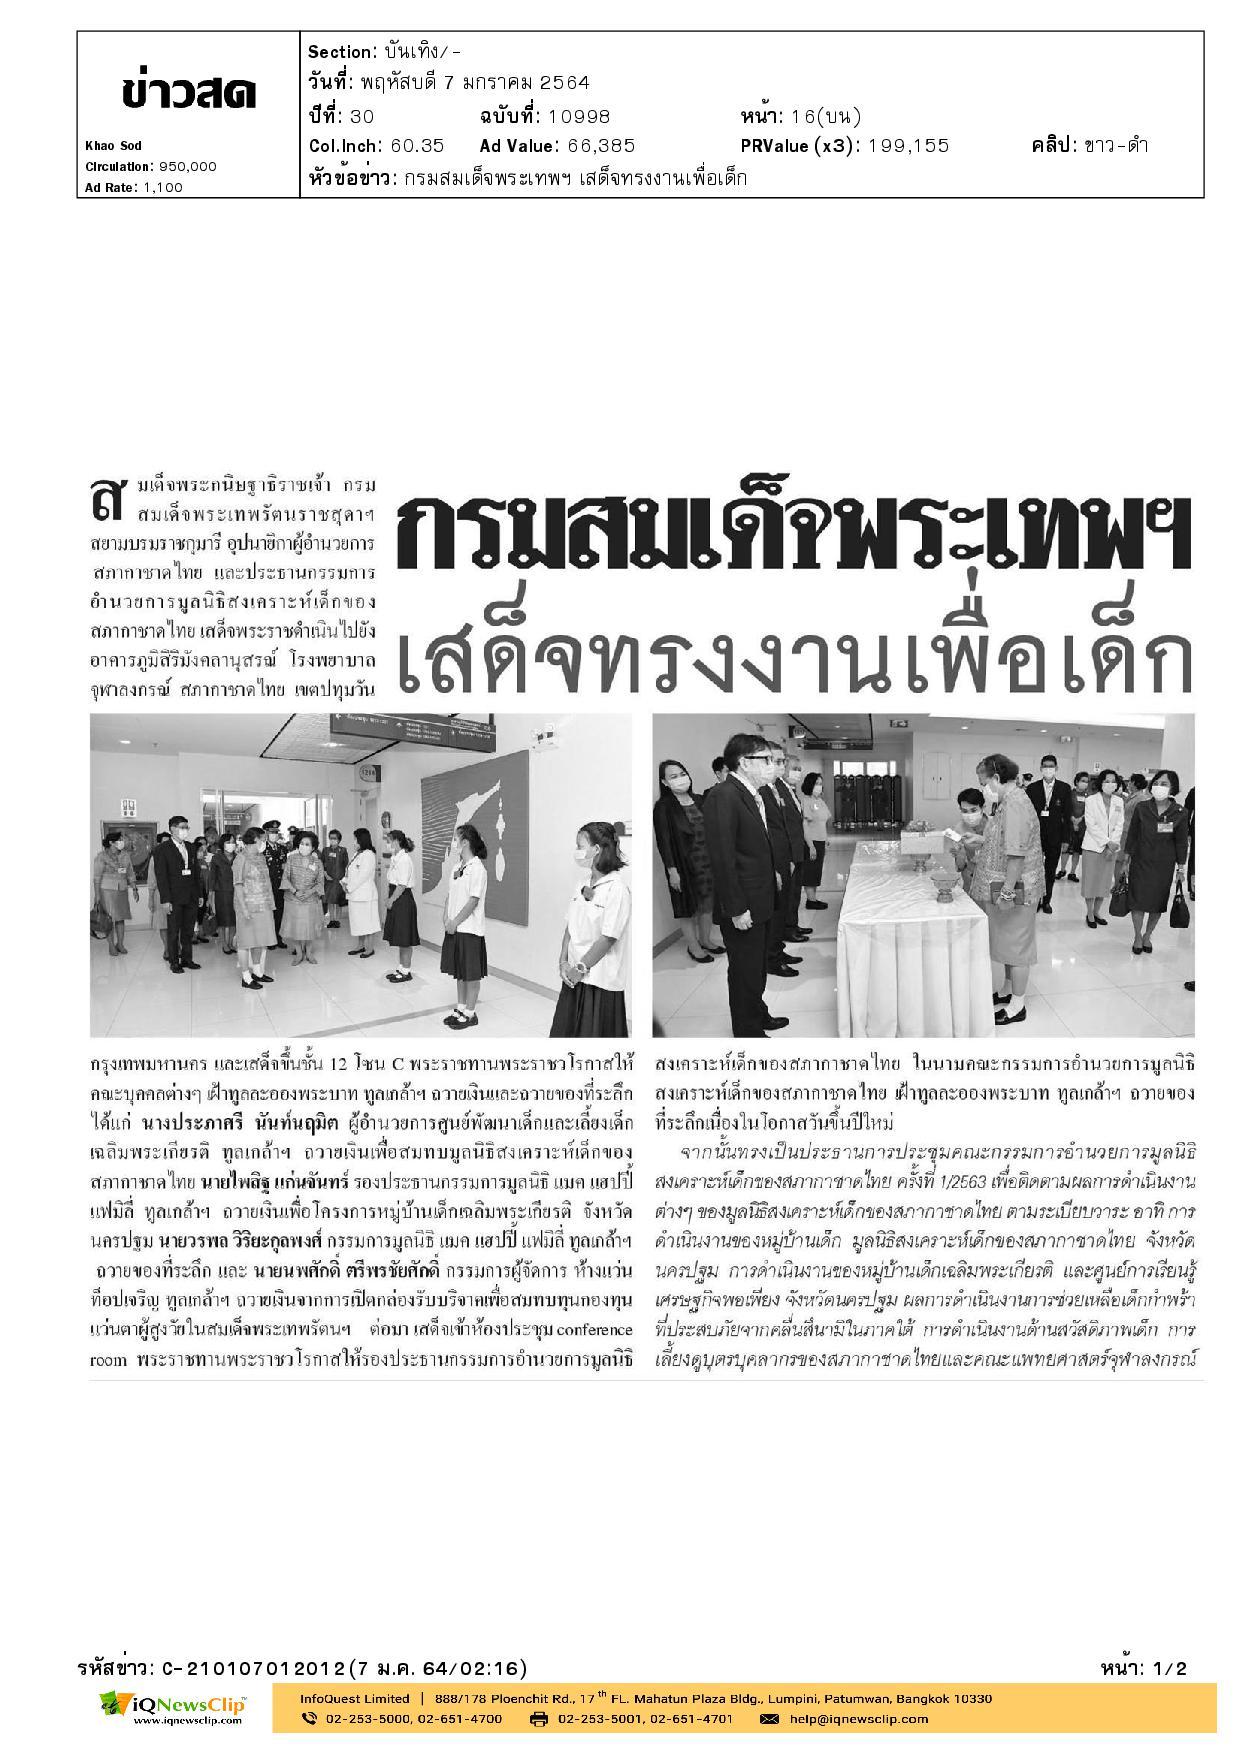 ประชุมคณะกรรมการอำนวยการมูลนิธิสงเคราะห์เด็กของสภากาชาดไทย ครั้งที่ 1/2563